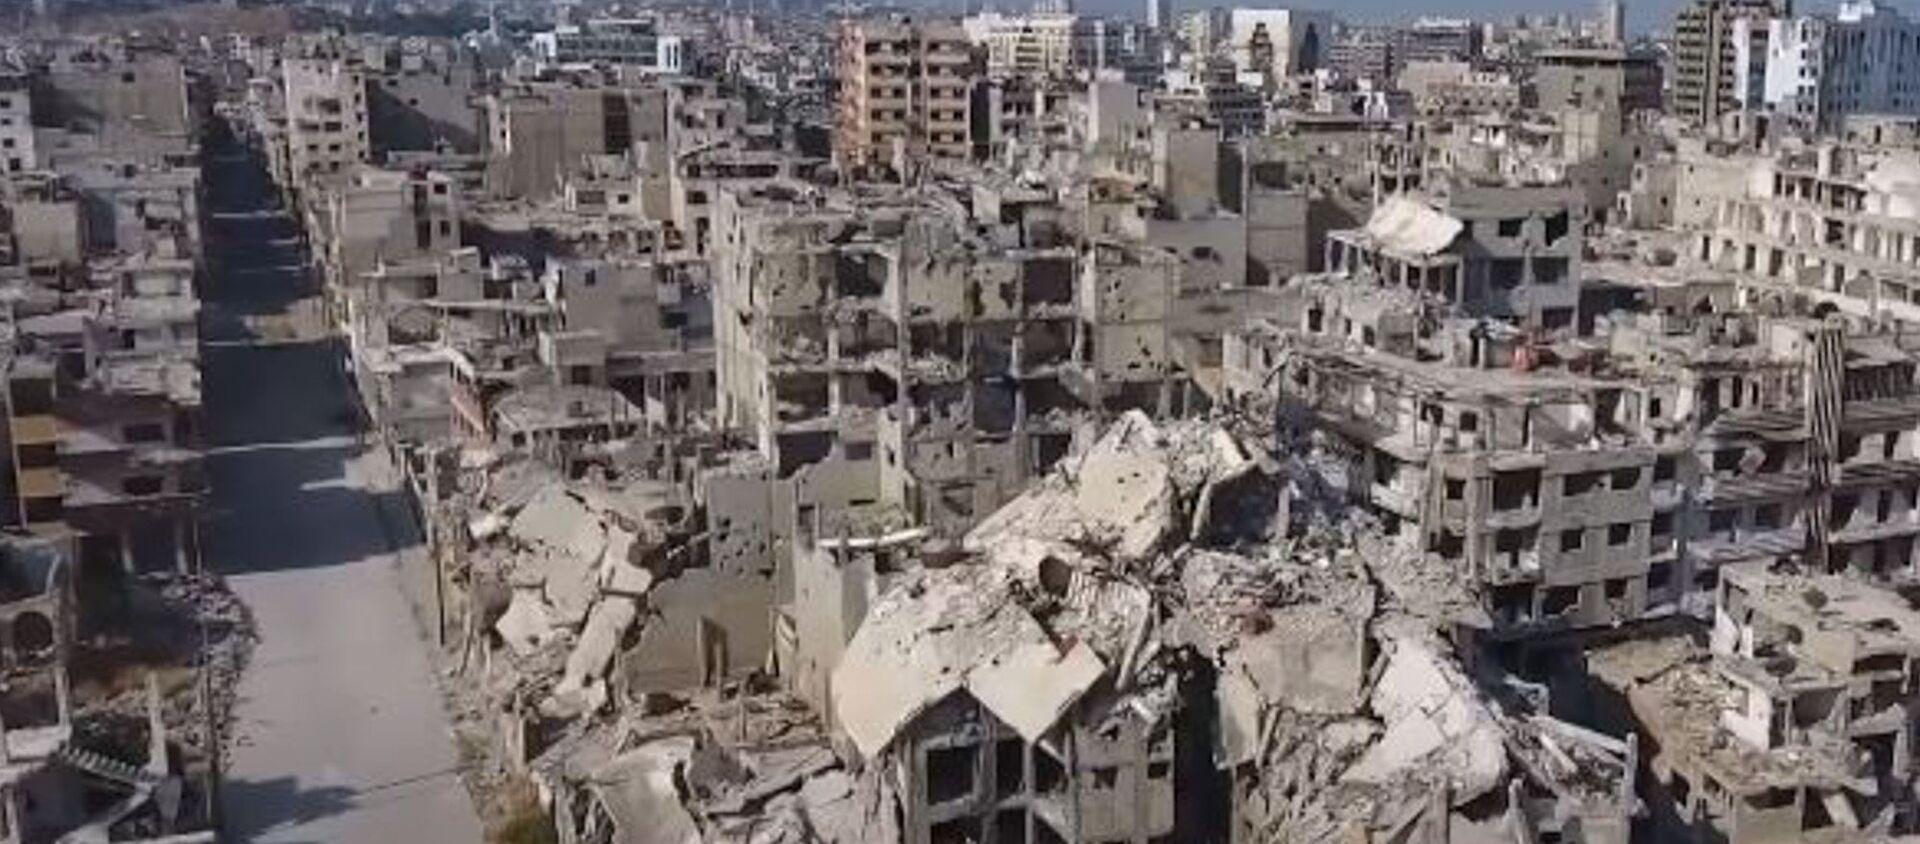 Беспилотник заснял разрушенный Хомс в десятую годовщину начала войны в Сирии - Sputnik Абхазия, 1920, 16.03.2021